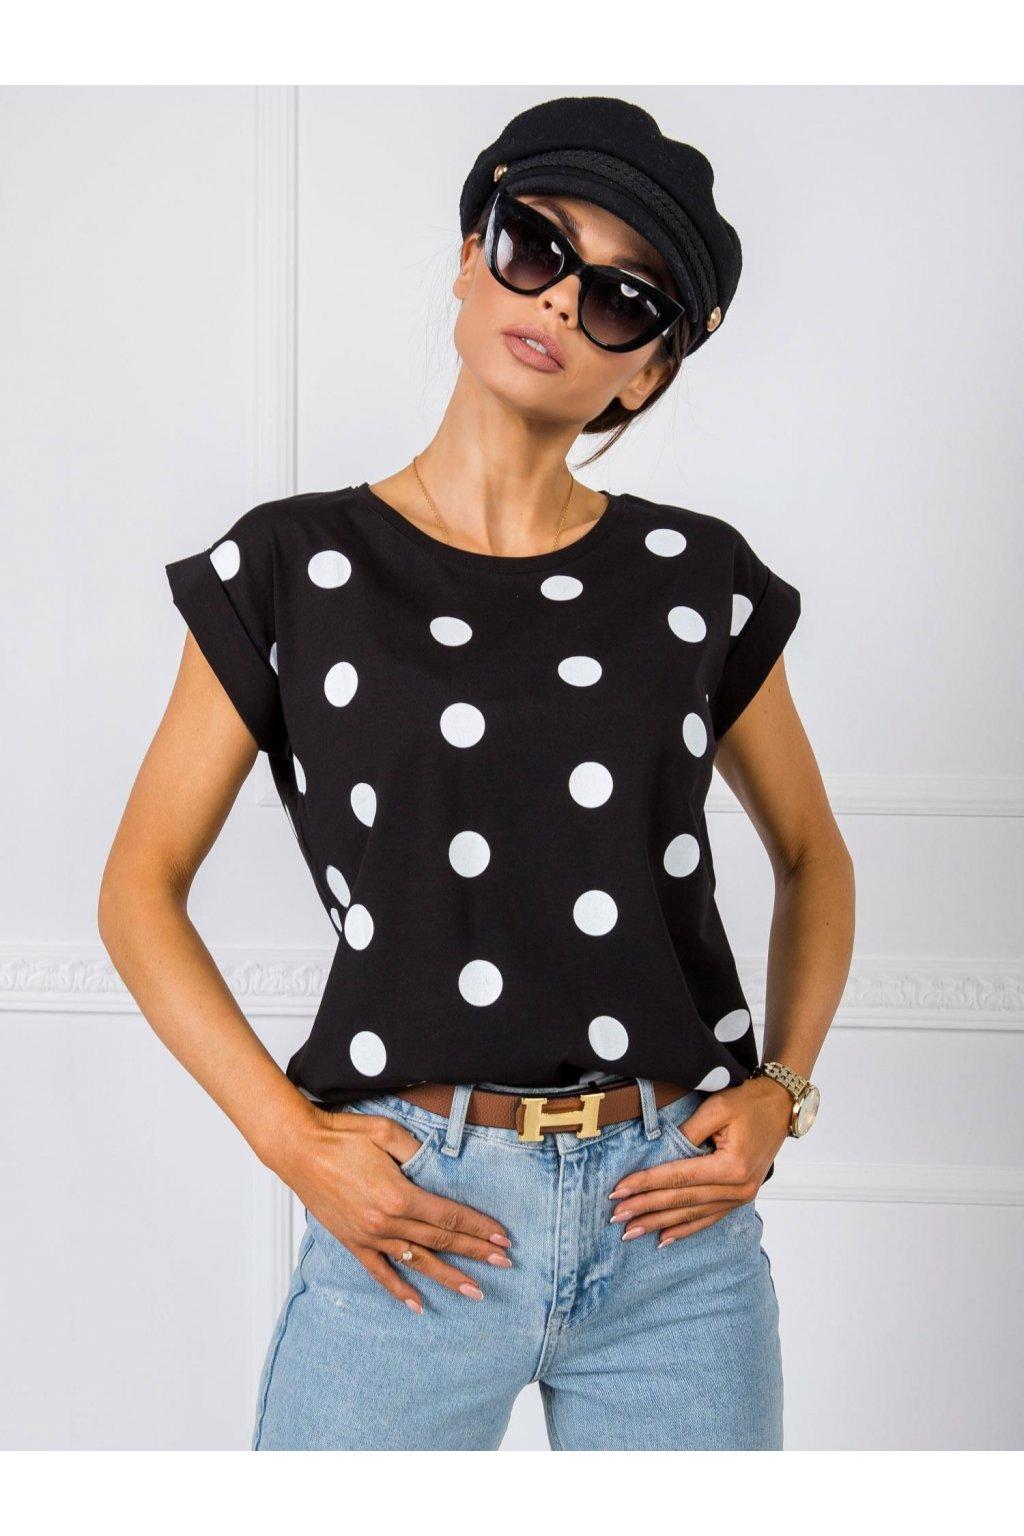 pol pl Czarny t shirt Catrina 347980 1